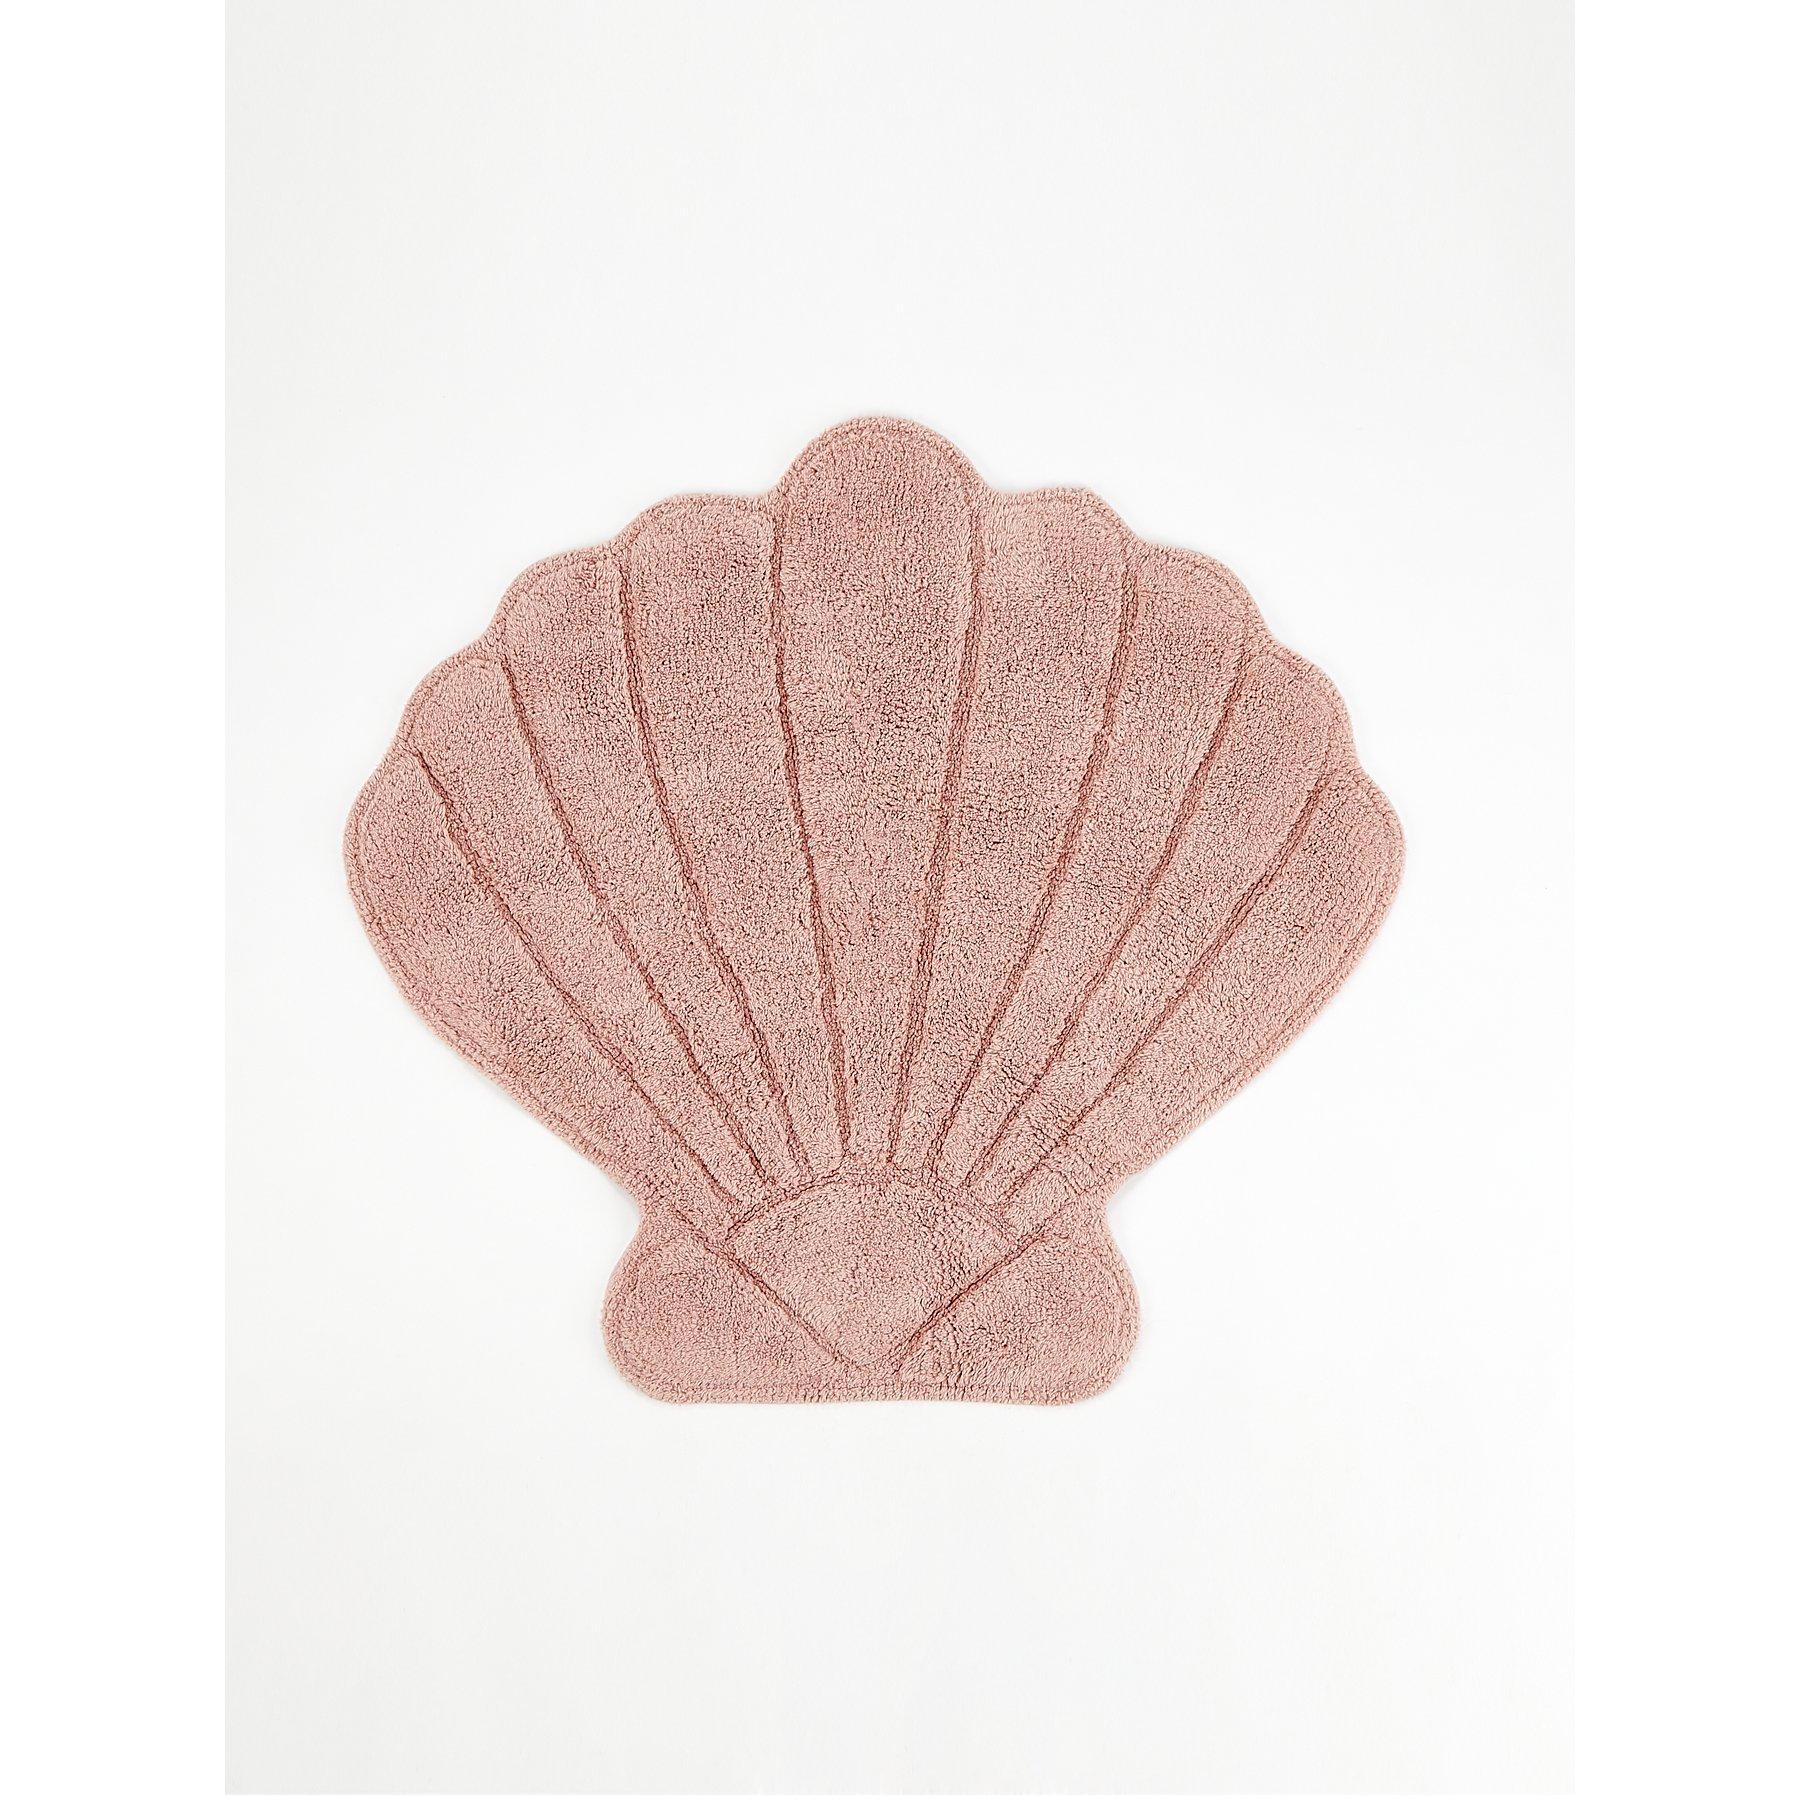 Pink Shell Shaped Bath Mat